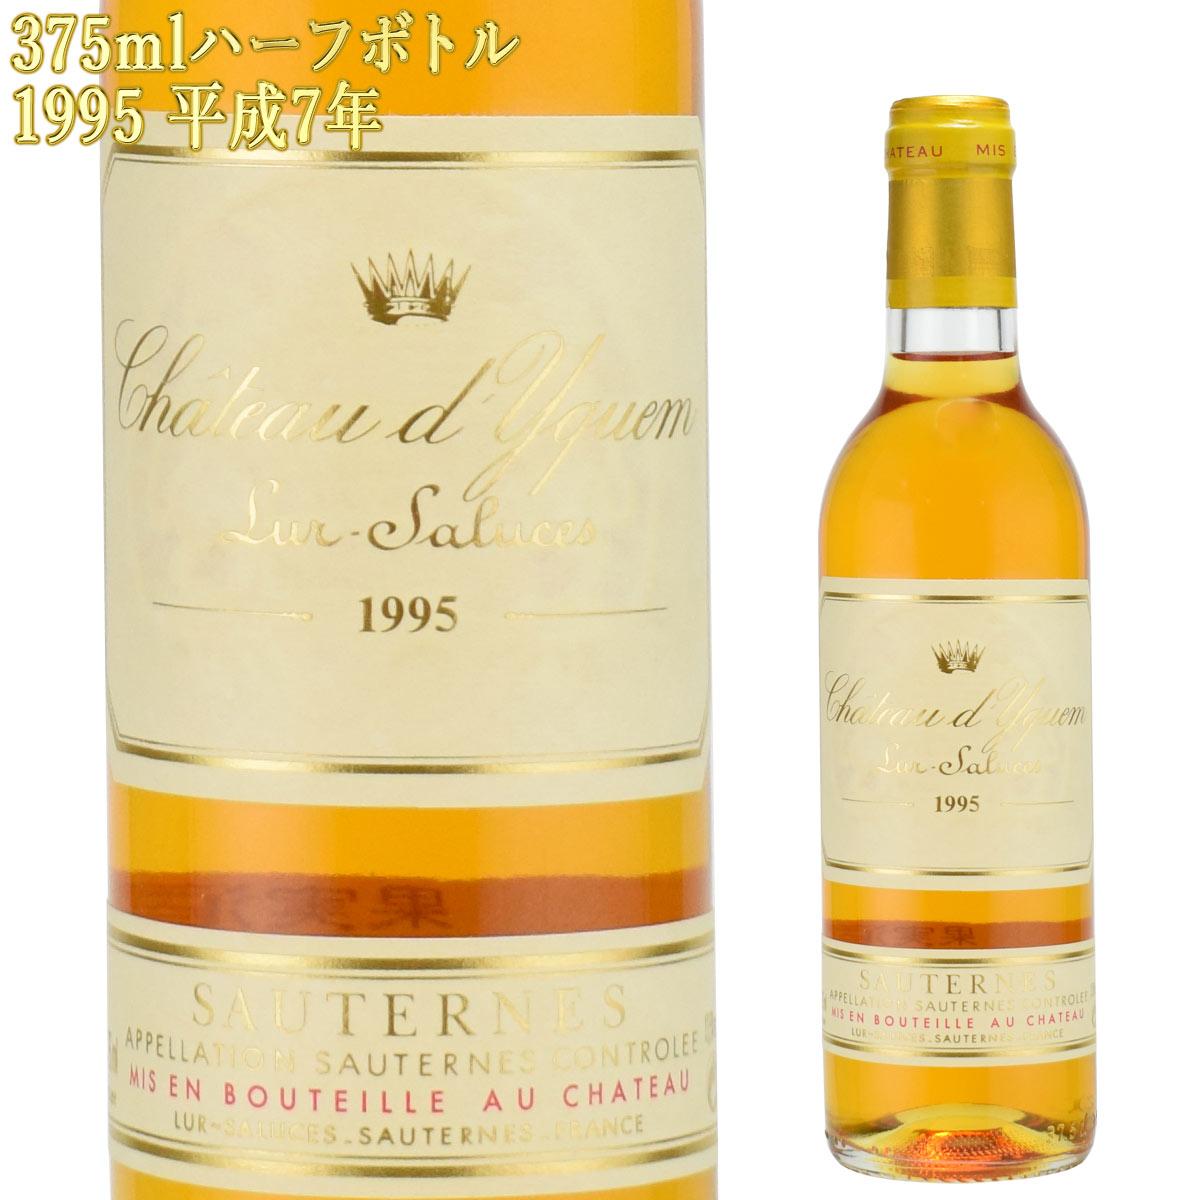 シャトー ディケム 1995 375mlハーフ 貴腐ワイン ソーテルヌ 格付特別一級 Chateau D'Yquem